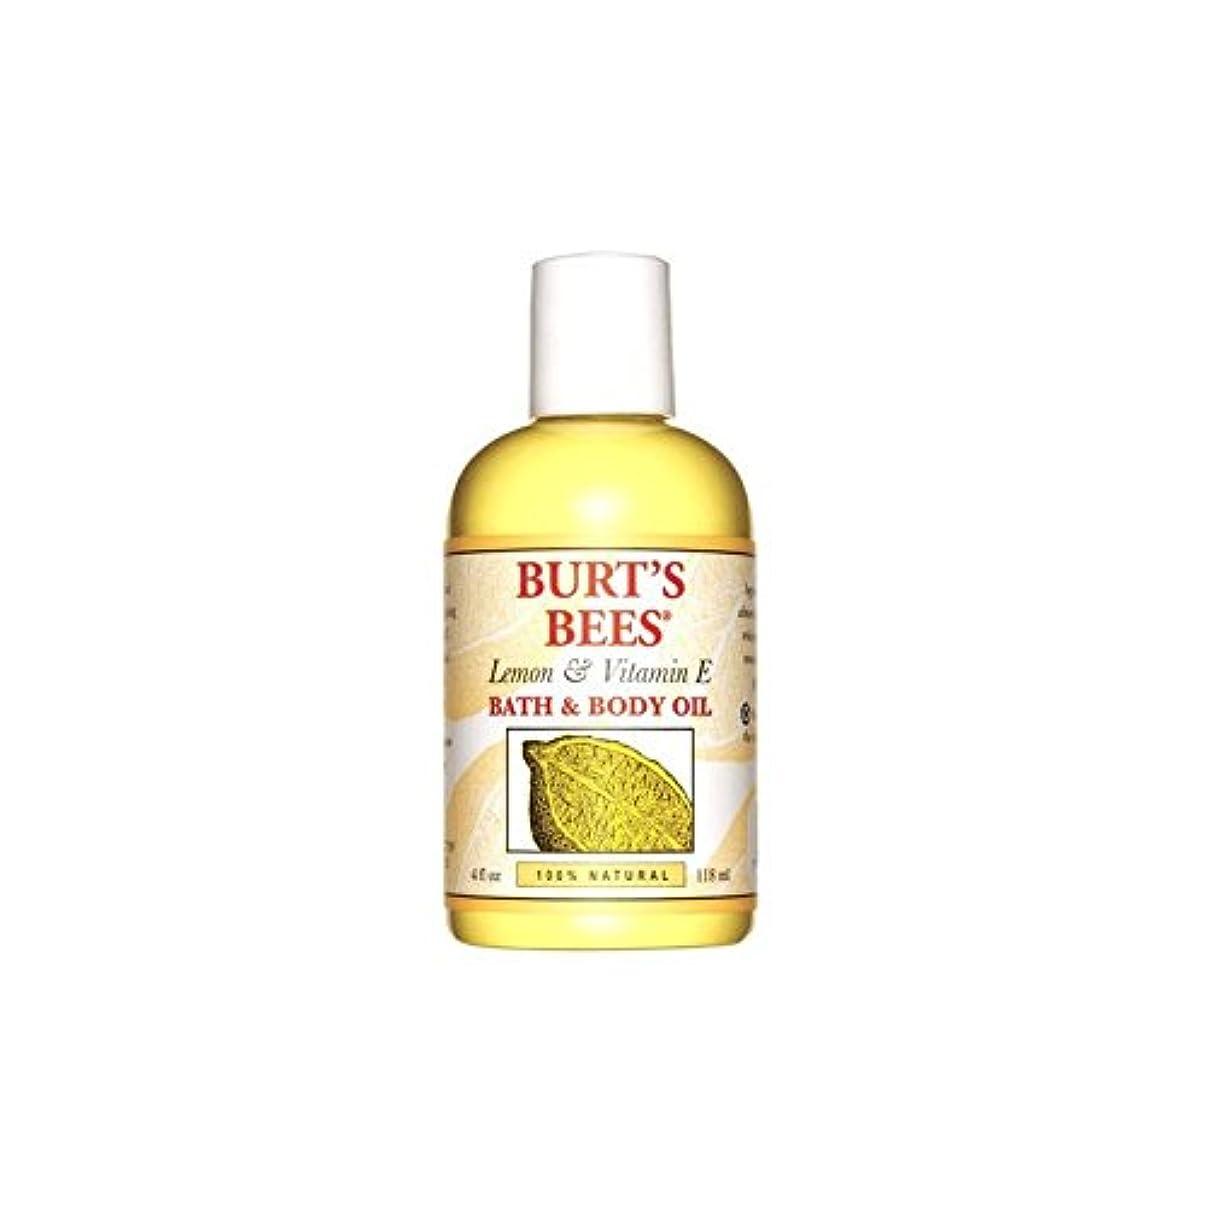 食品多様体サワーBurt's Bees Lemon & Vitamin E Bath & Body Oil (4 fl oz / 118ml) (Pack of 6) - バーツビーレモン&ビタミンバス&ボディオイル(4オンス/ 118ミリリットル) x6 [並行輸入品]